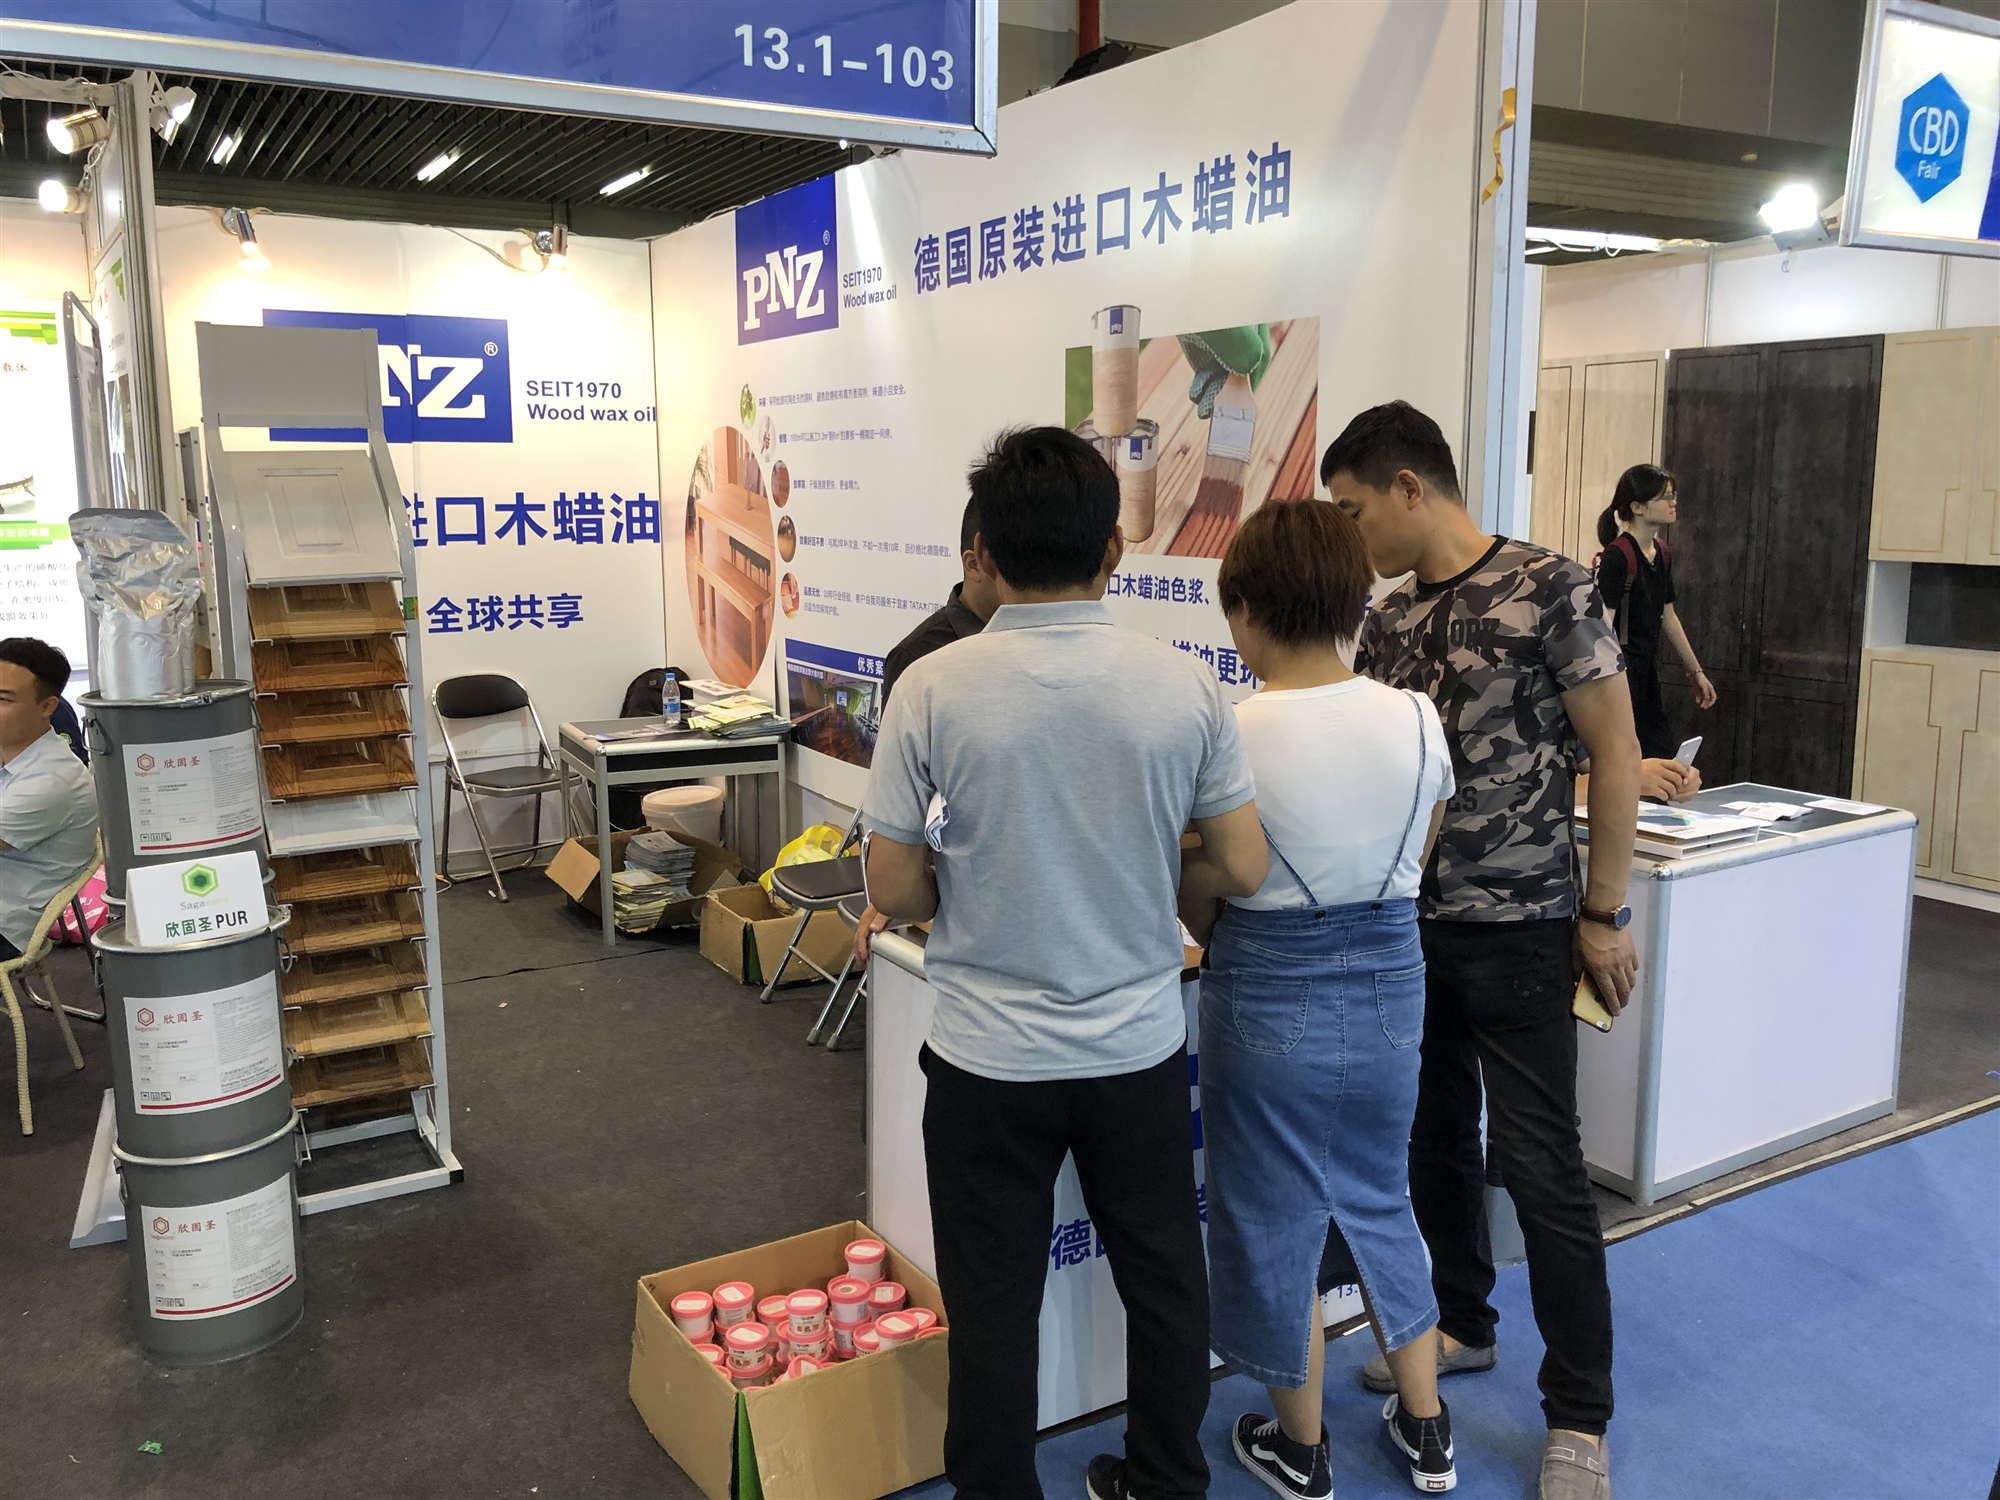 汉林水性腻子修补产品与pnz木蜡油精彩亮相广州建材展